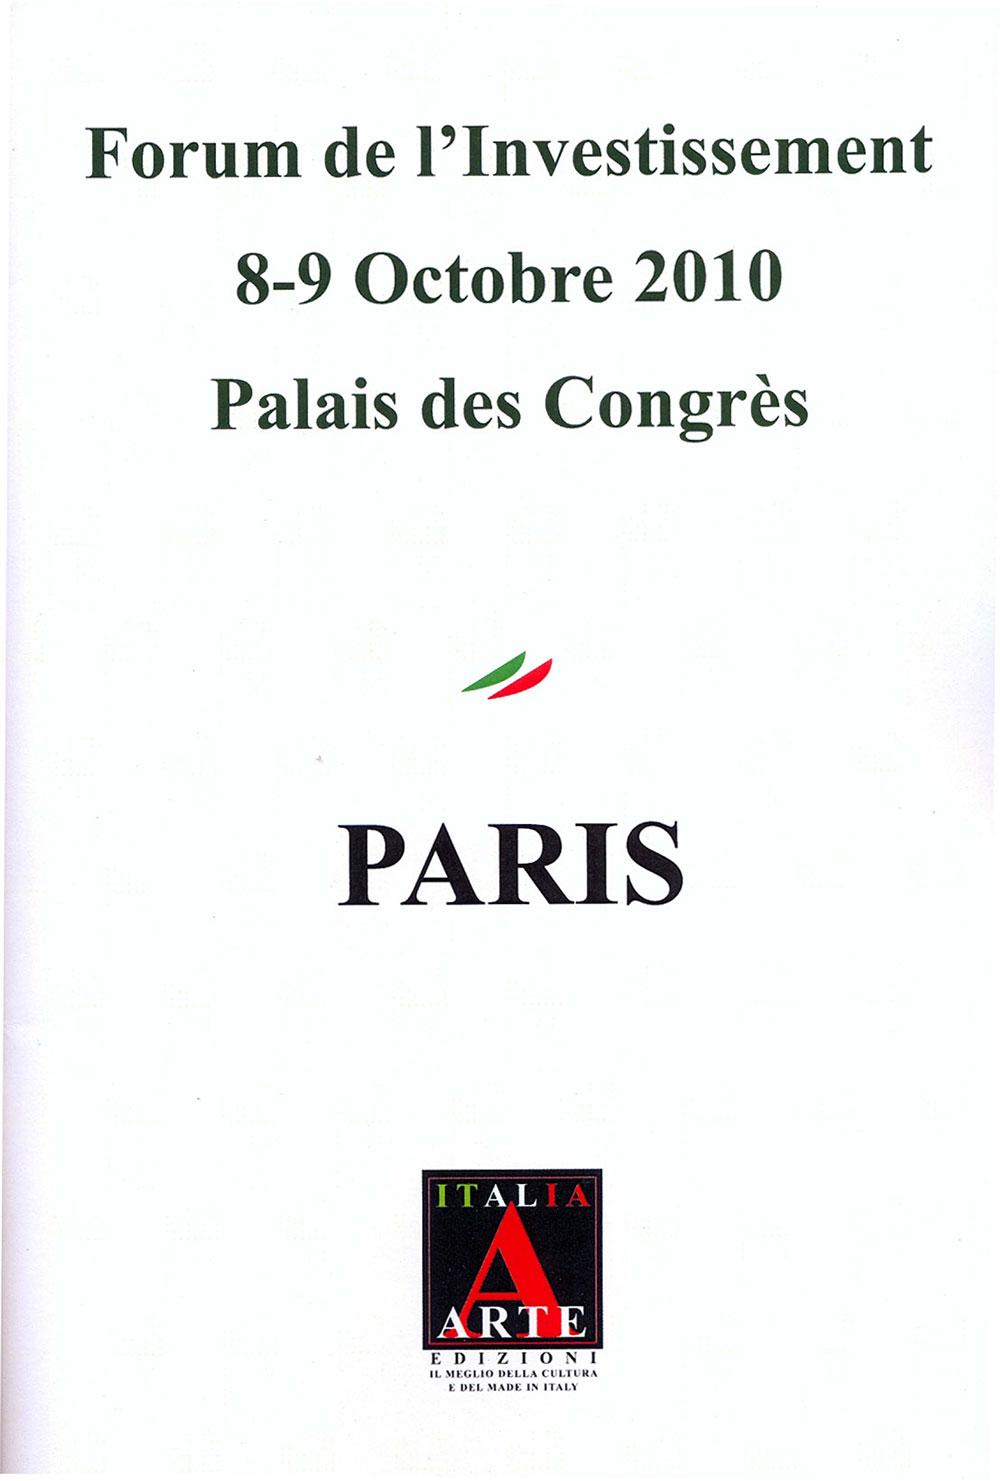 PARIGI-10-2